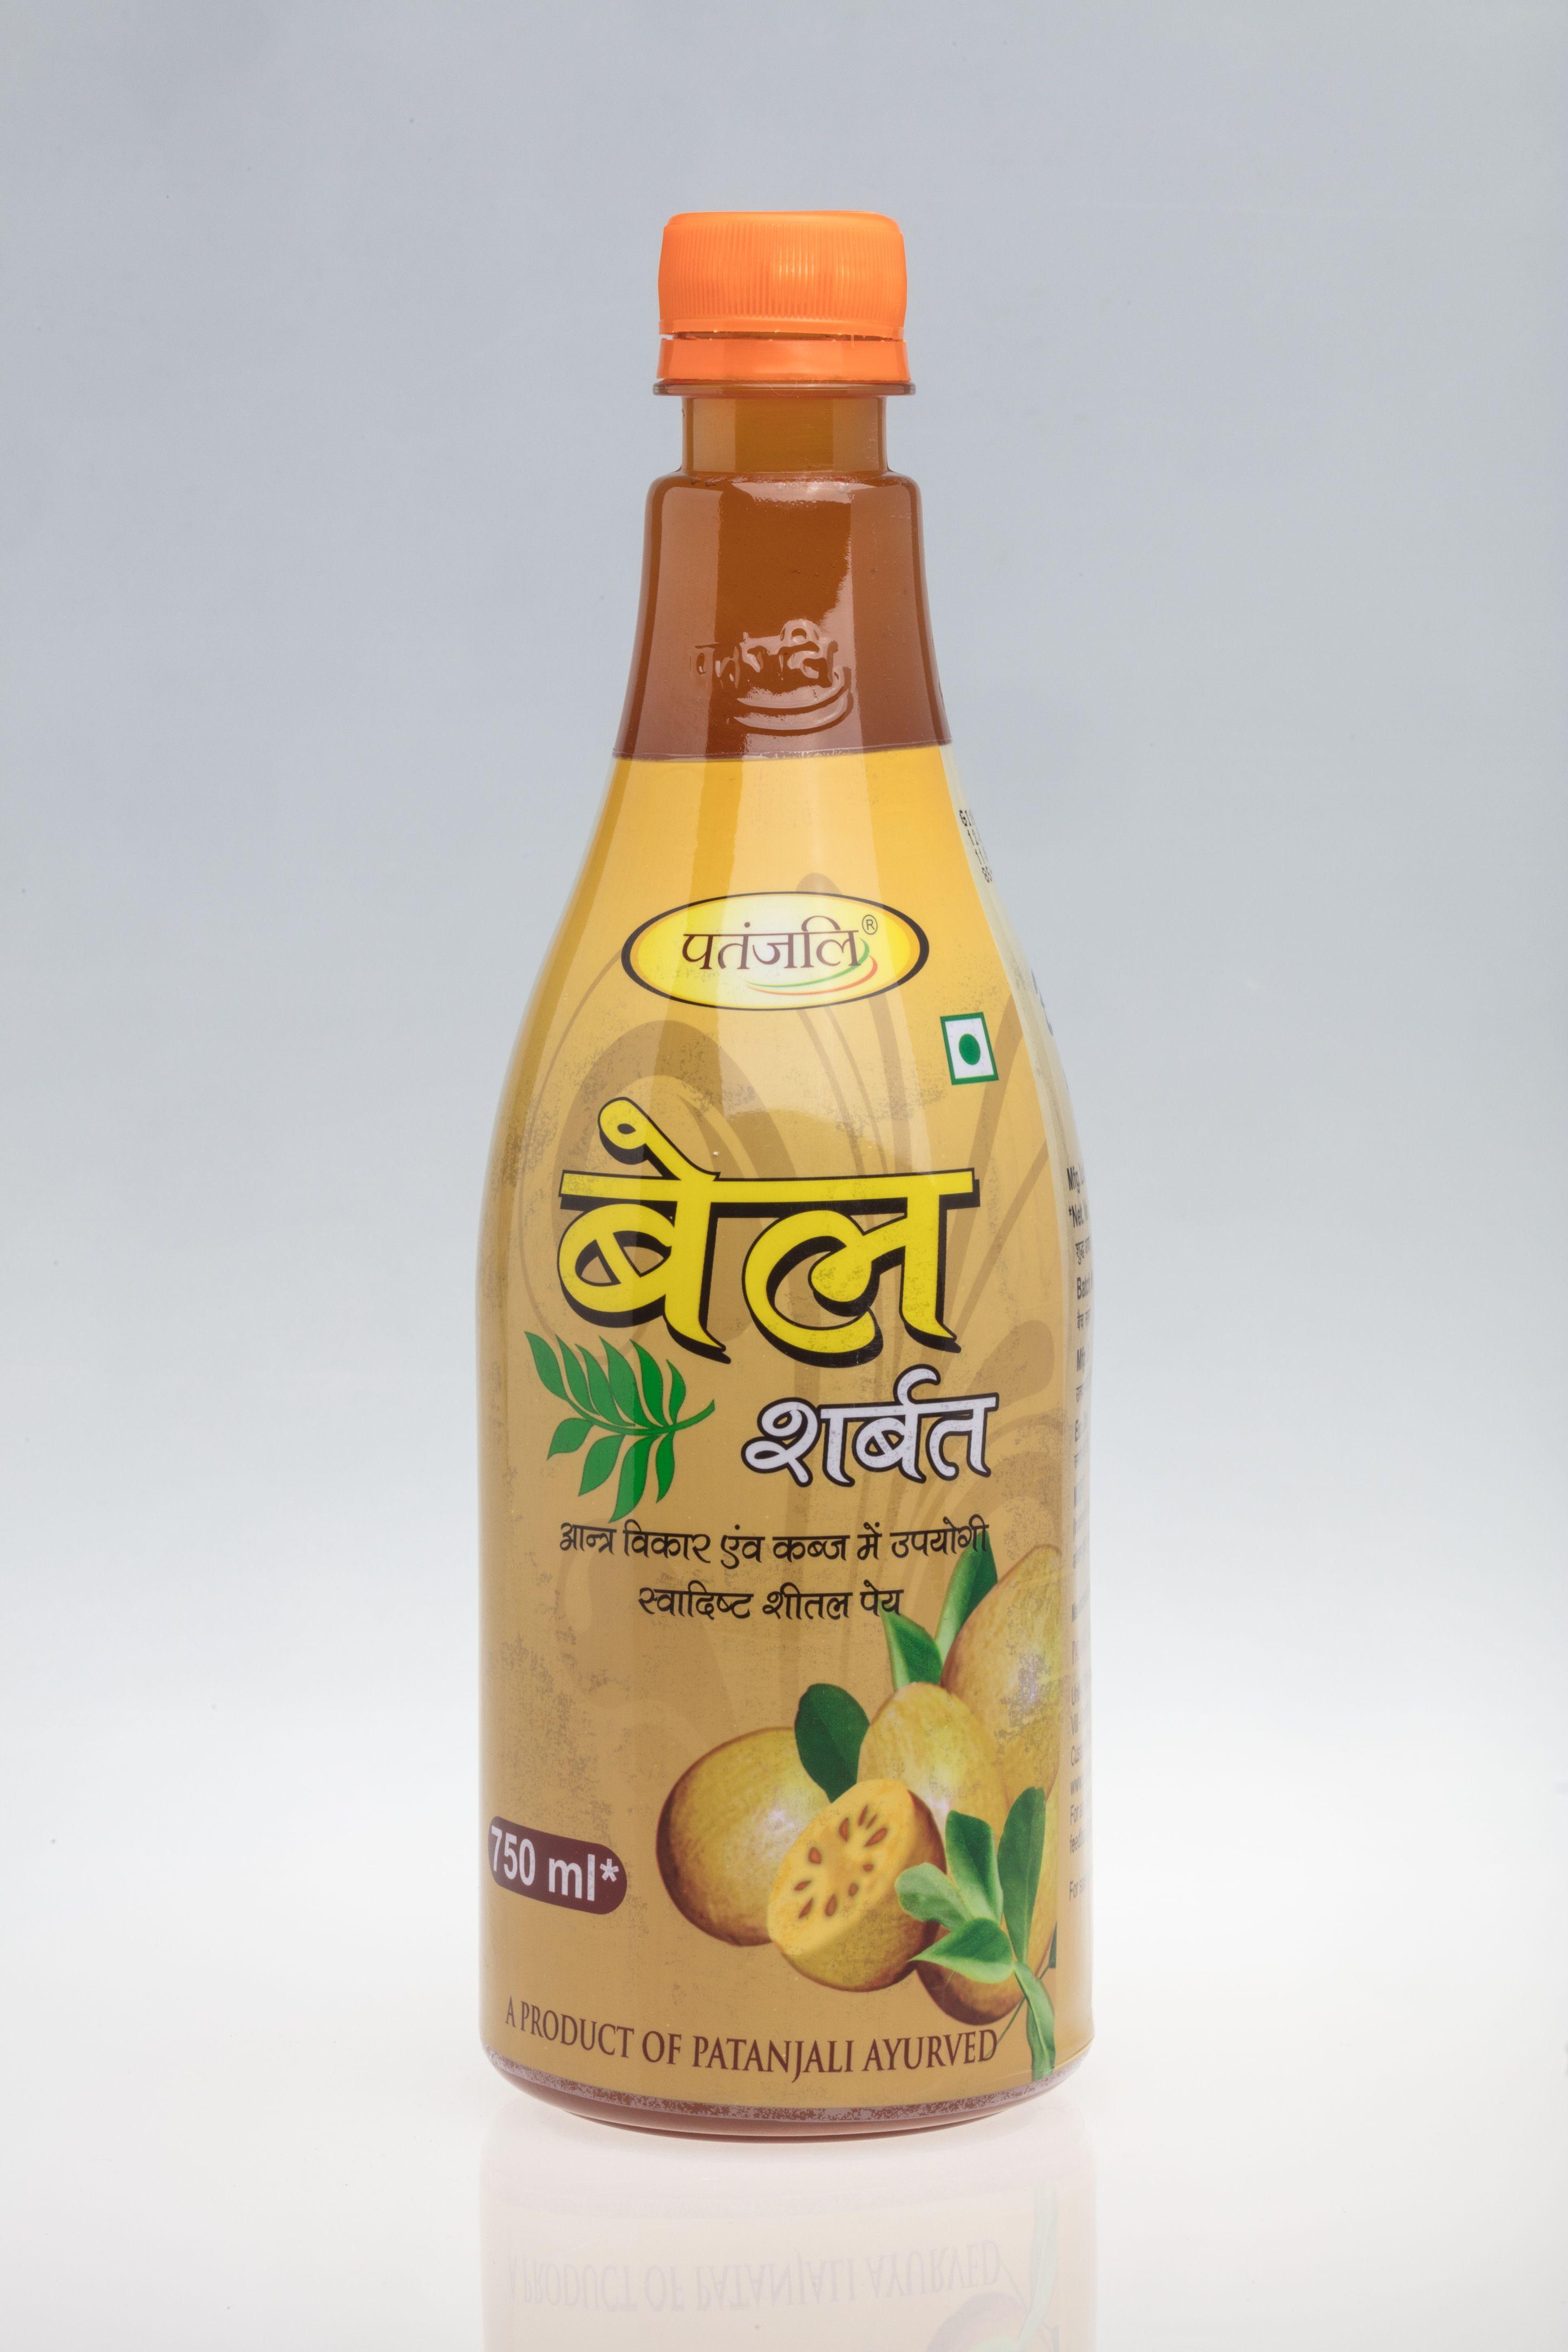 Bel Sharbat 750 ml  A product of Patanjali Ayurved  Ayurvedic